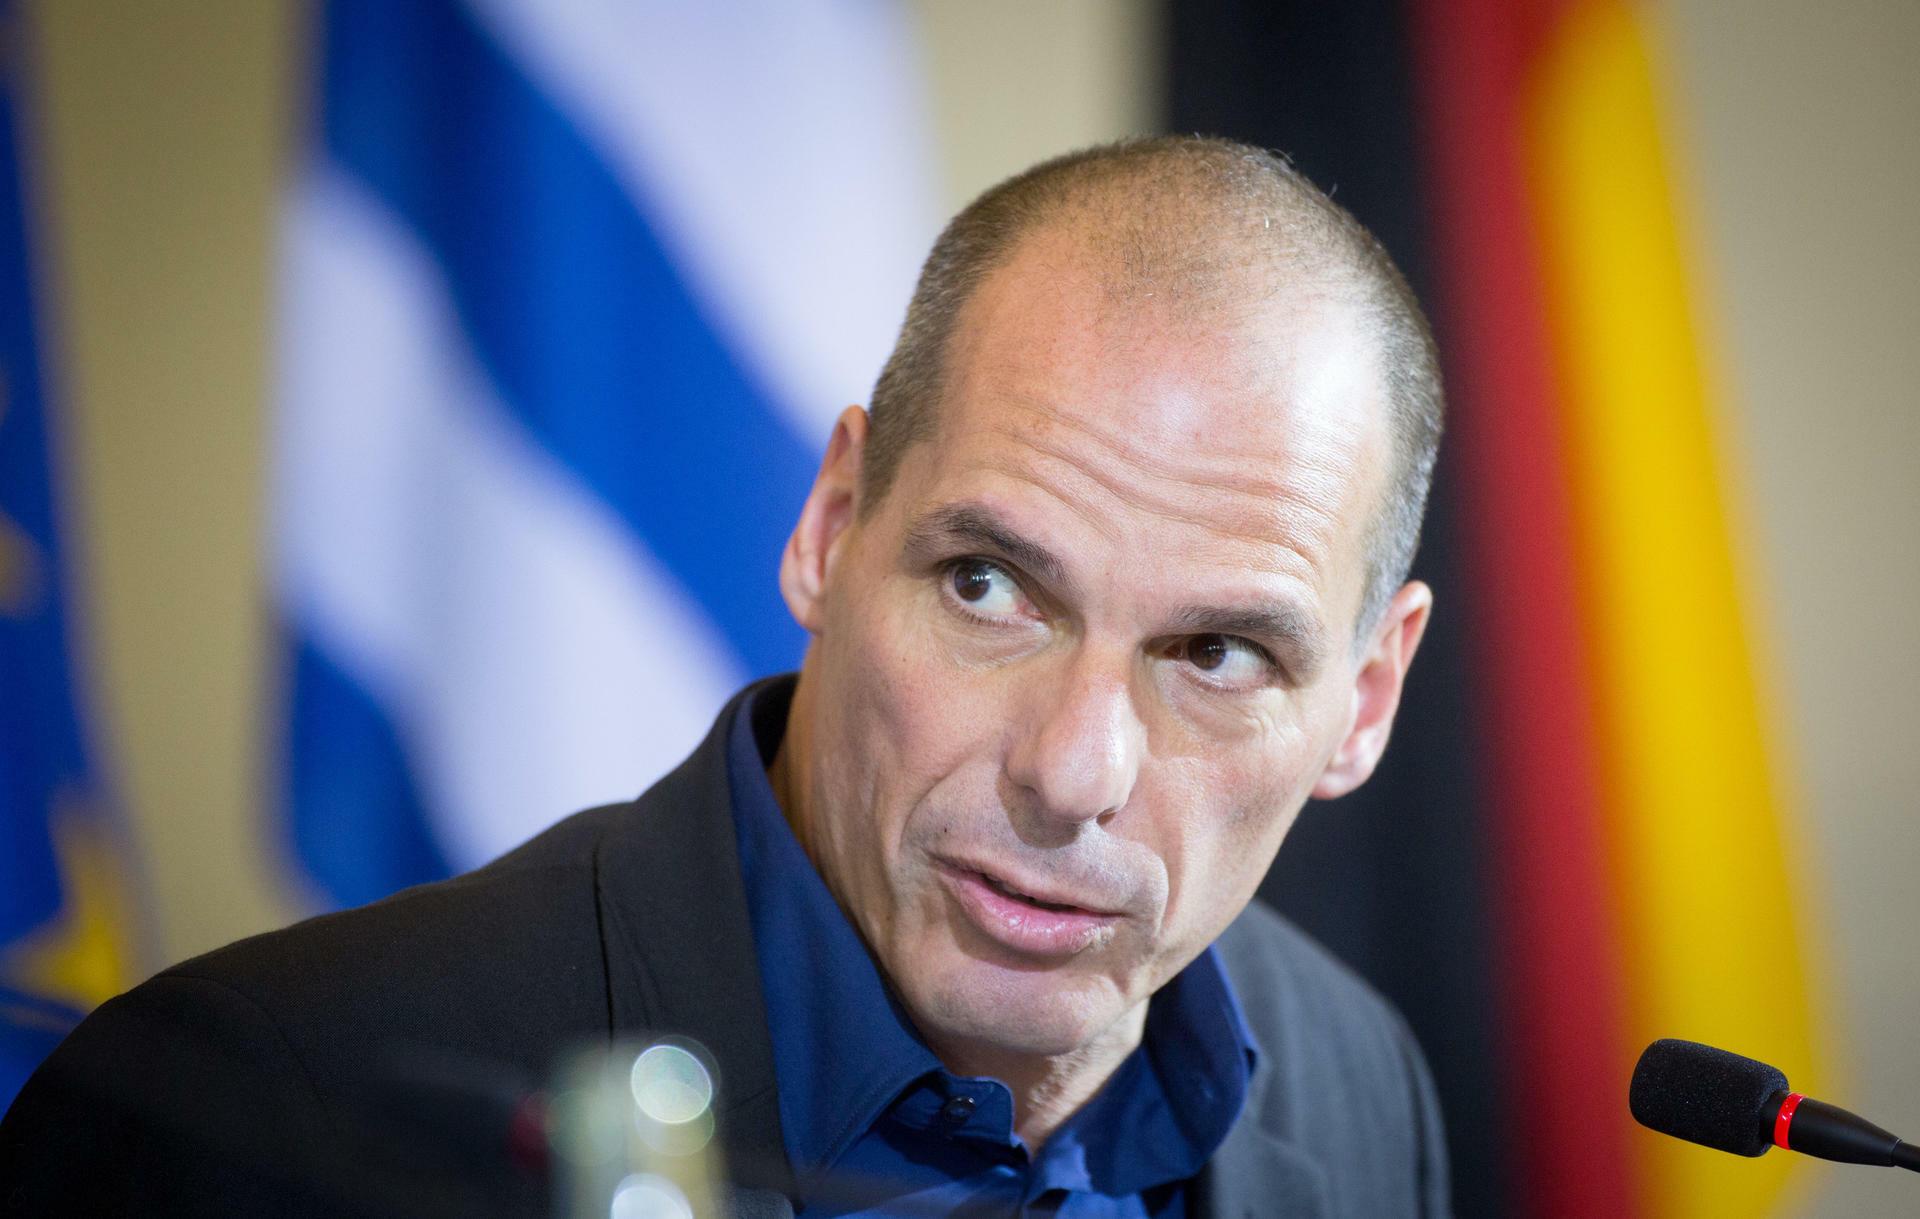 """Kritik an Yanis Varoufakis: """"Athen produziert Gläubigerhass der widerlichsten Art"""""""